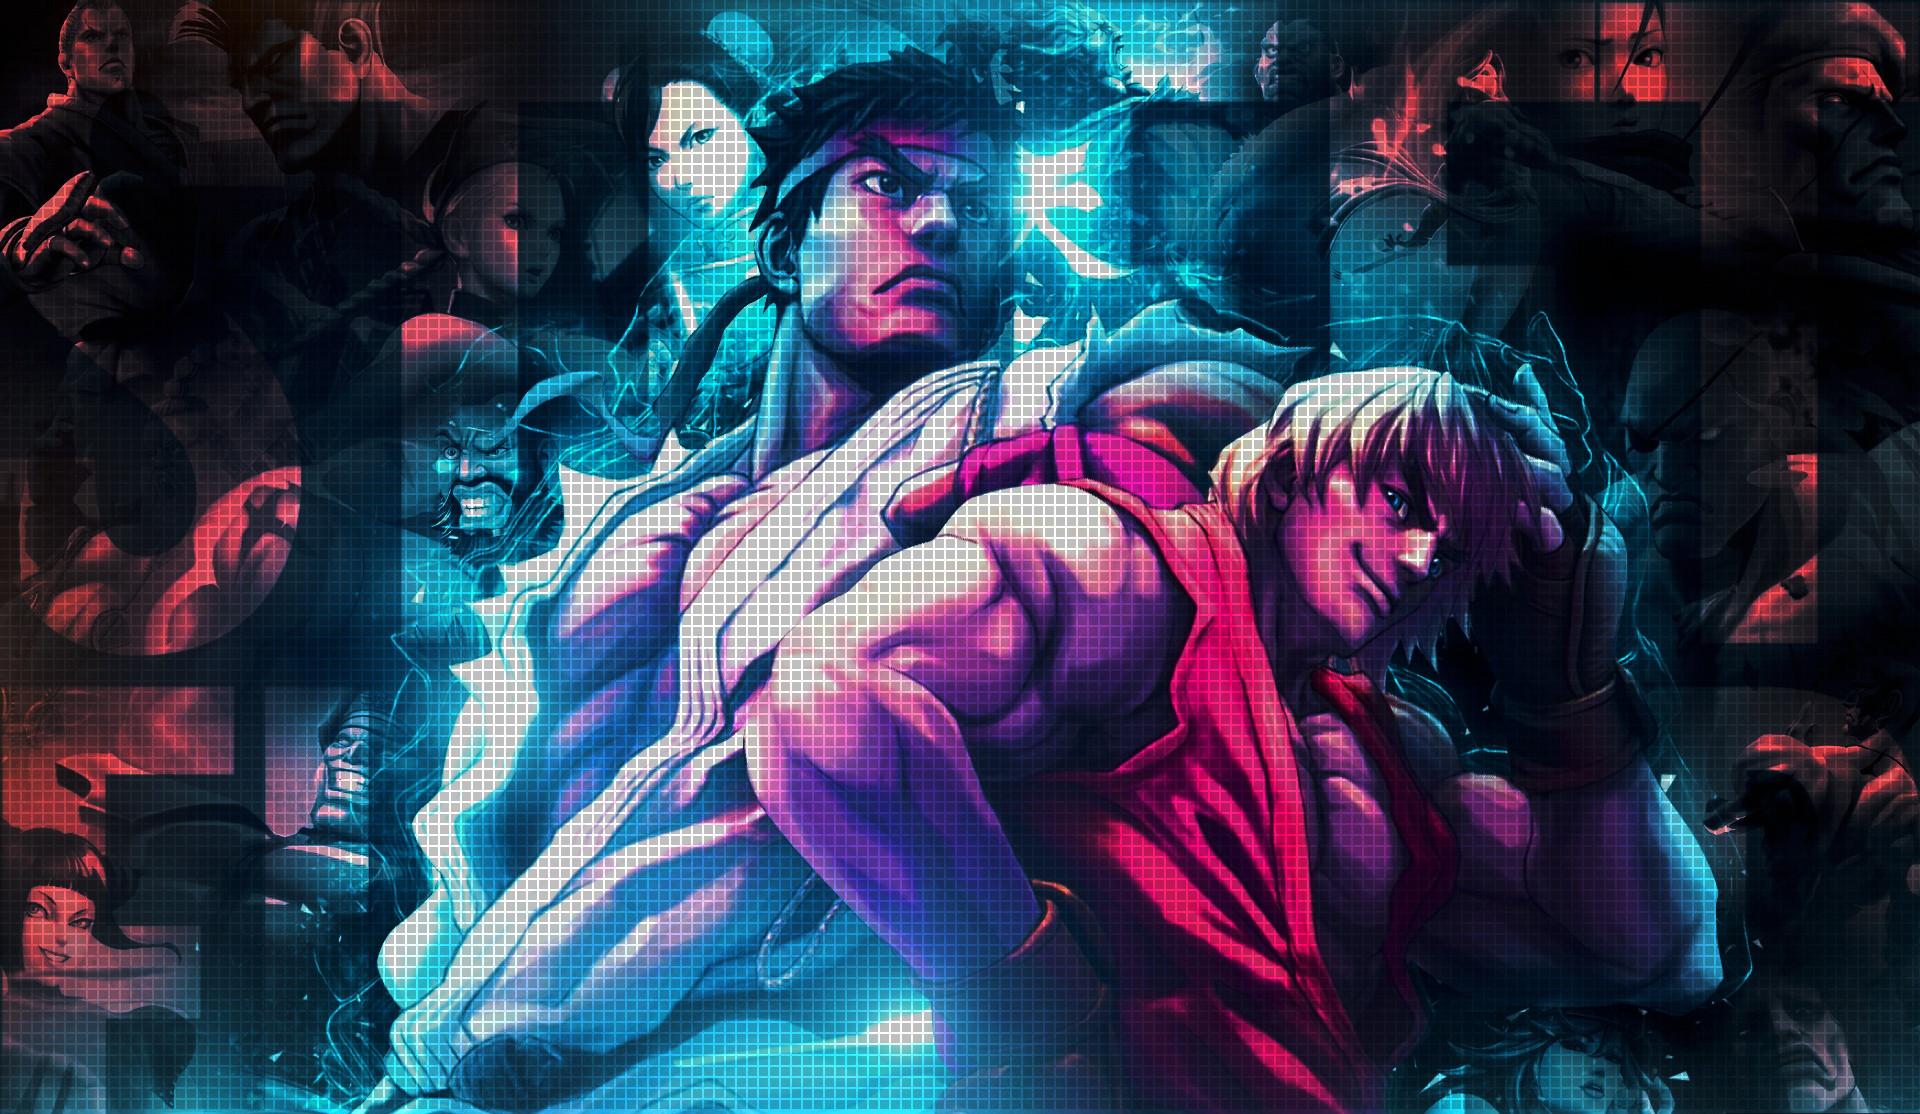 Street Fighter Wallpaper by Styxero on DeviantArt